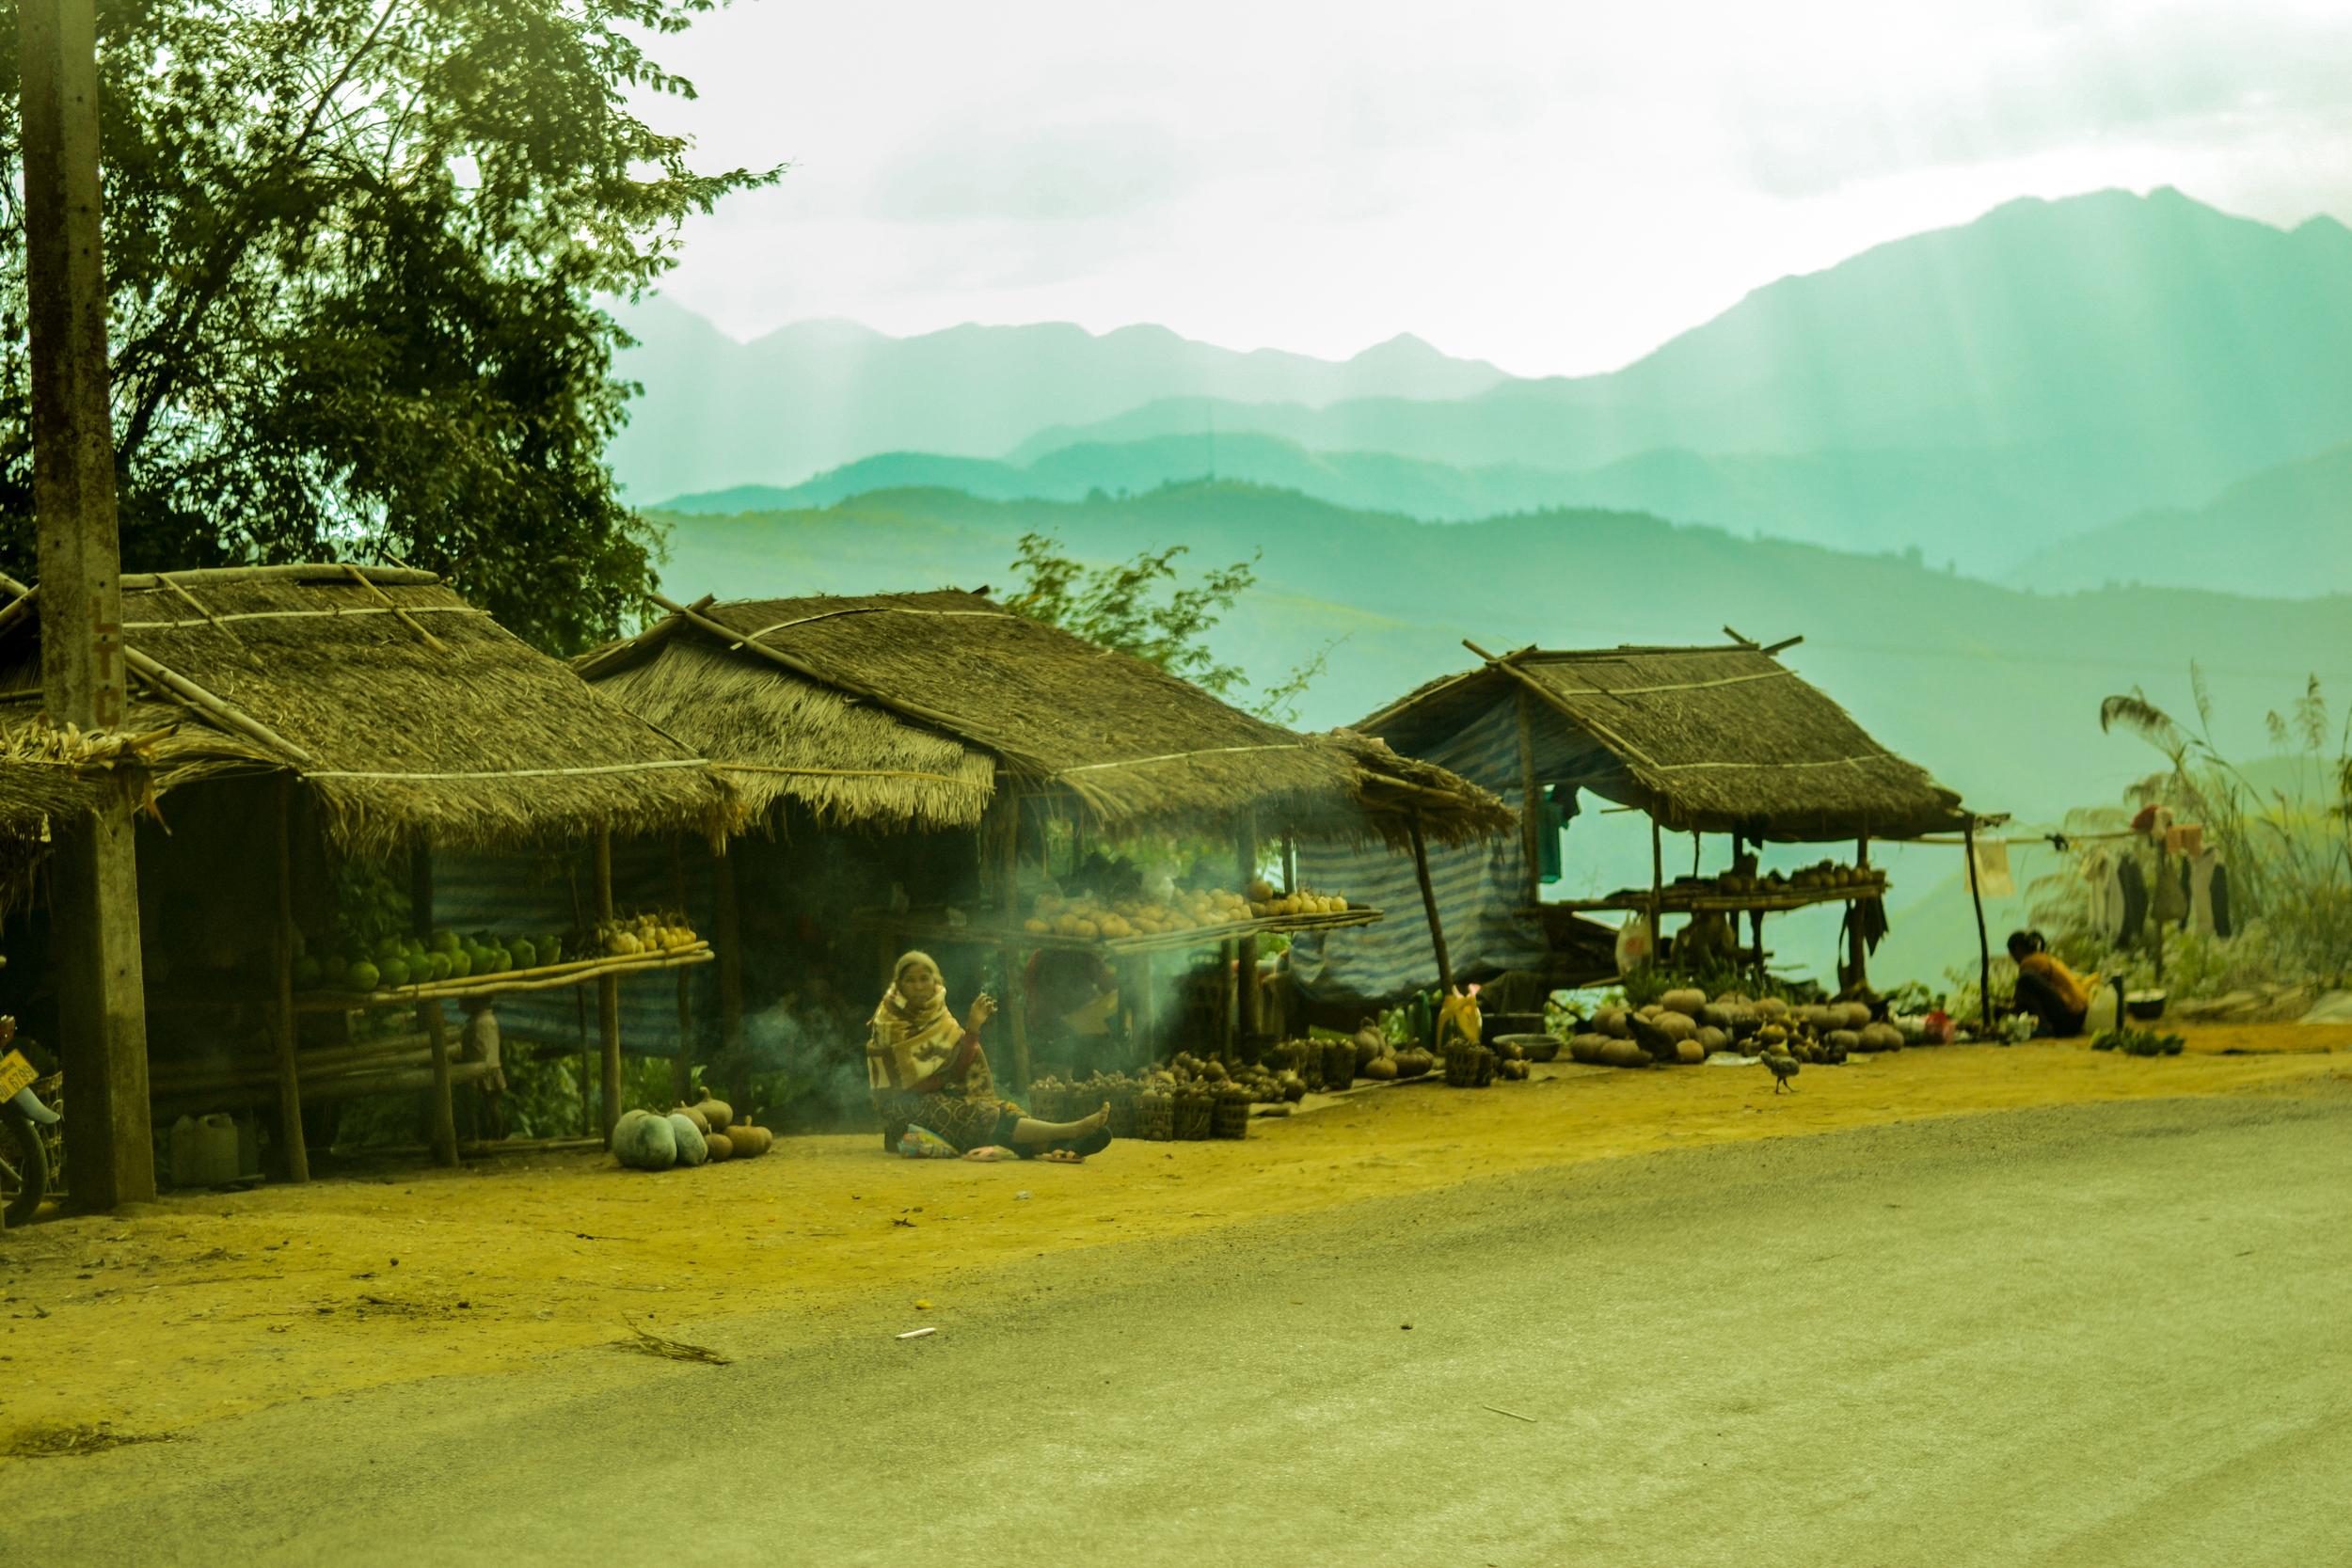 Market. Highway 13, Laos.